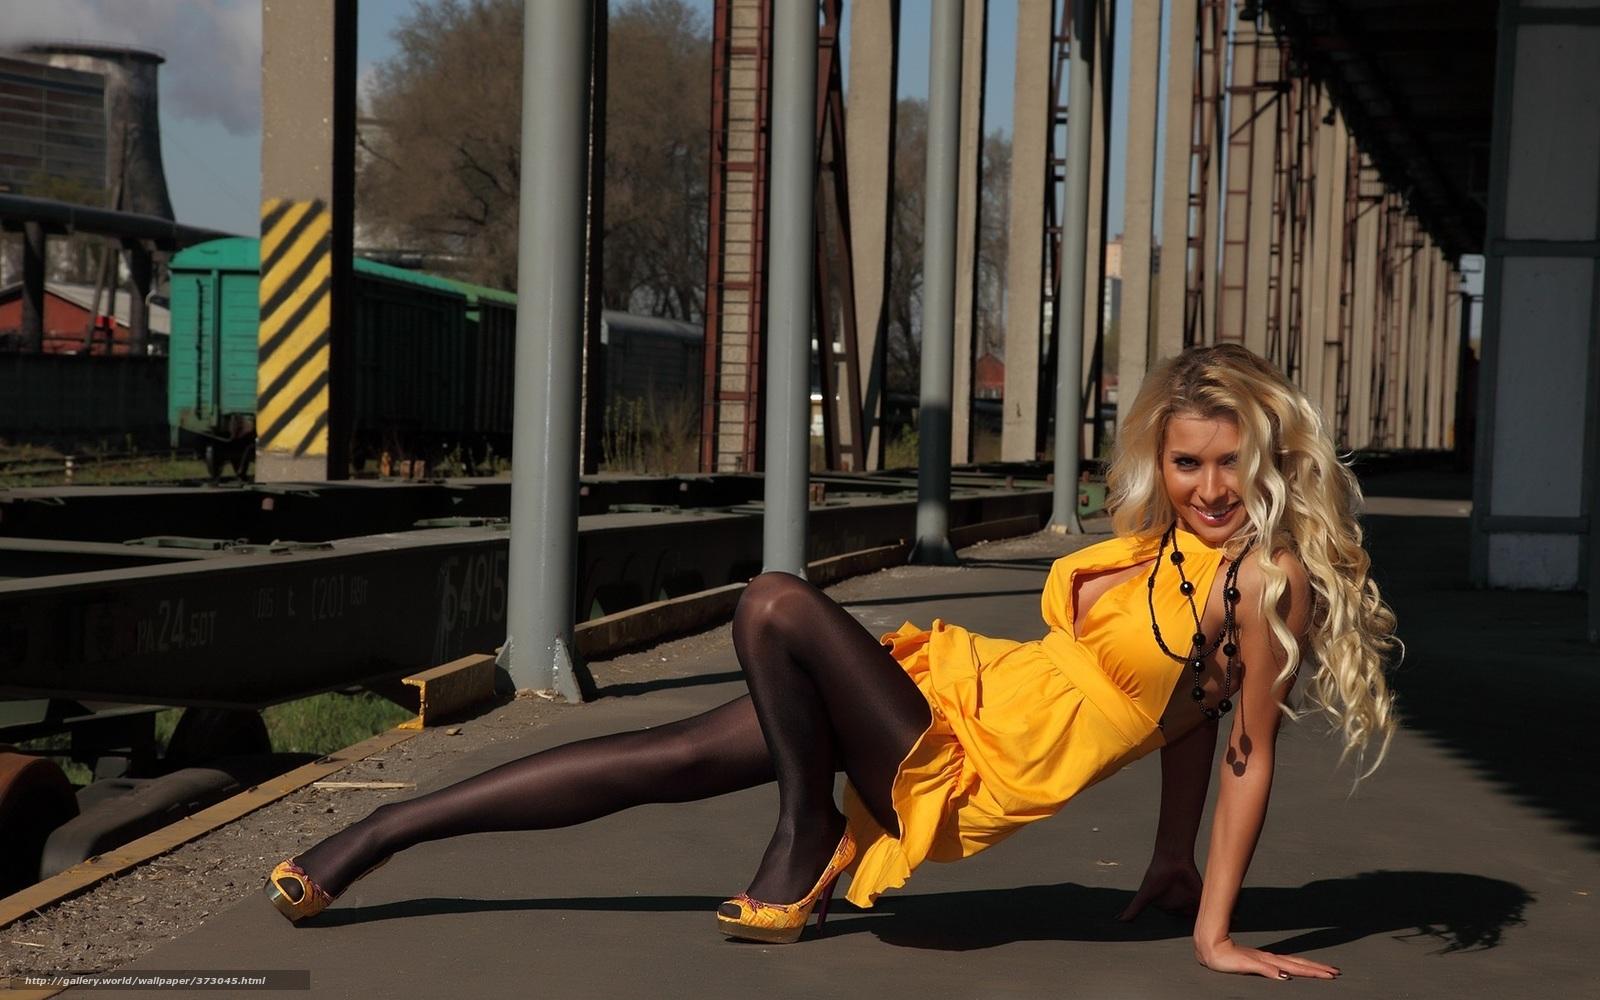 Ххх фото в вагонах поездов 1 фотография